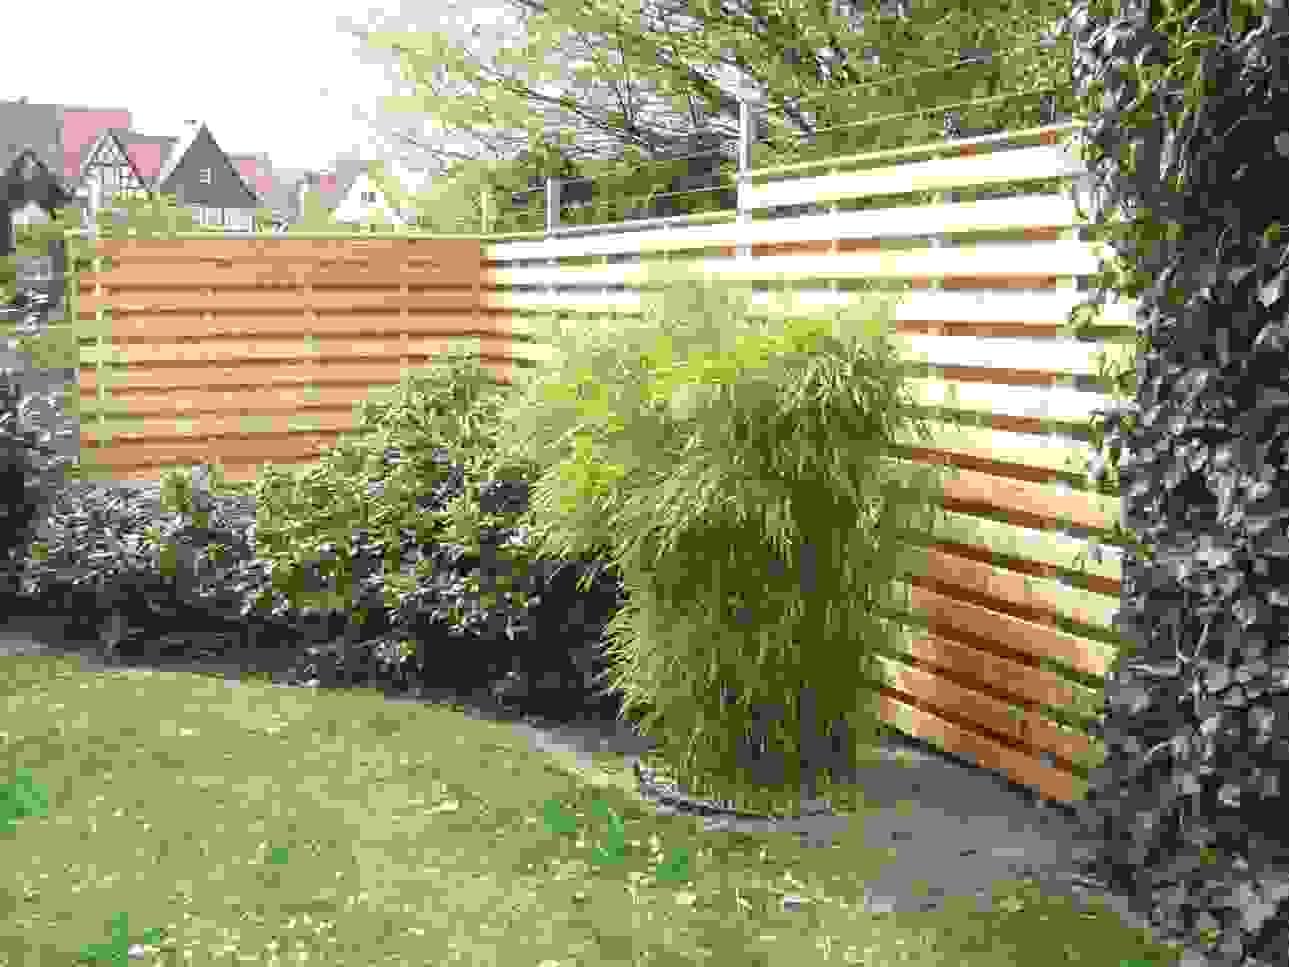 Einzigartig 40 Garten Sichtschutz Selber Bauen Design von Sichtschutz Aus Stein Selber Bauen Photo